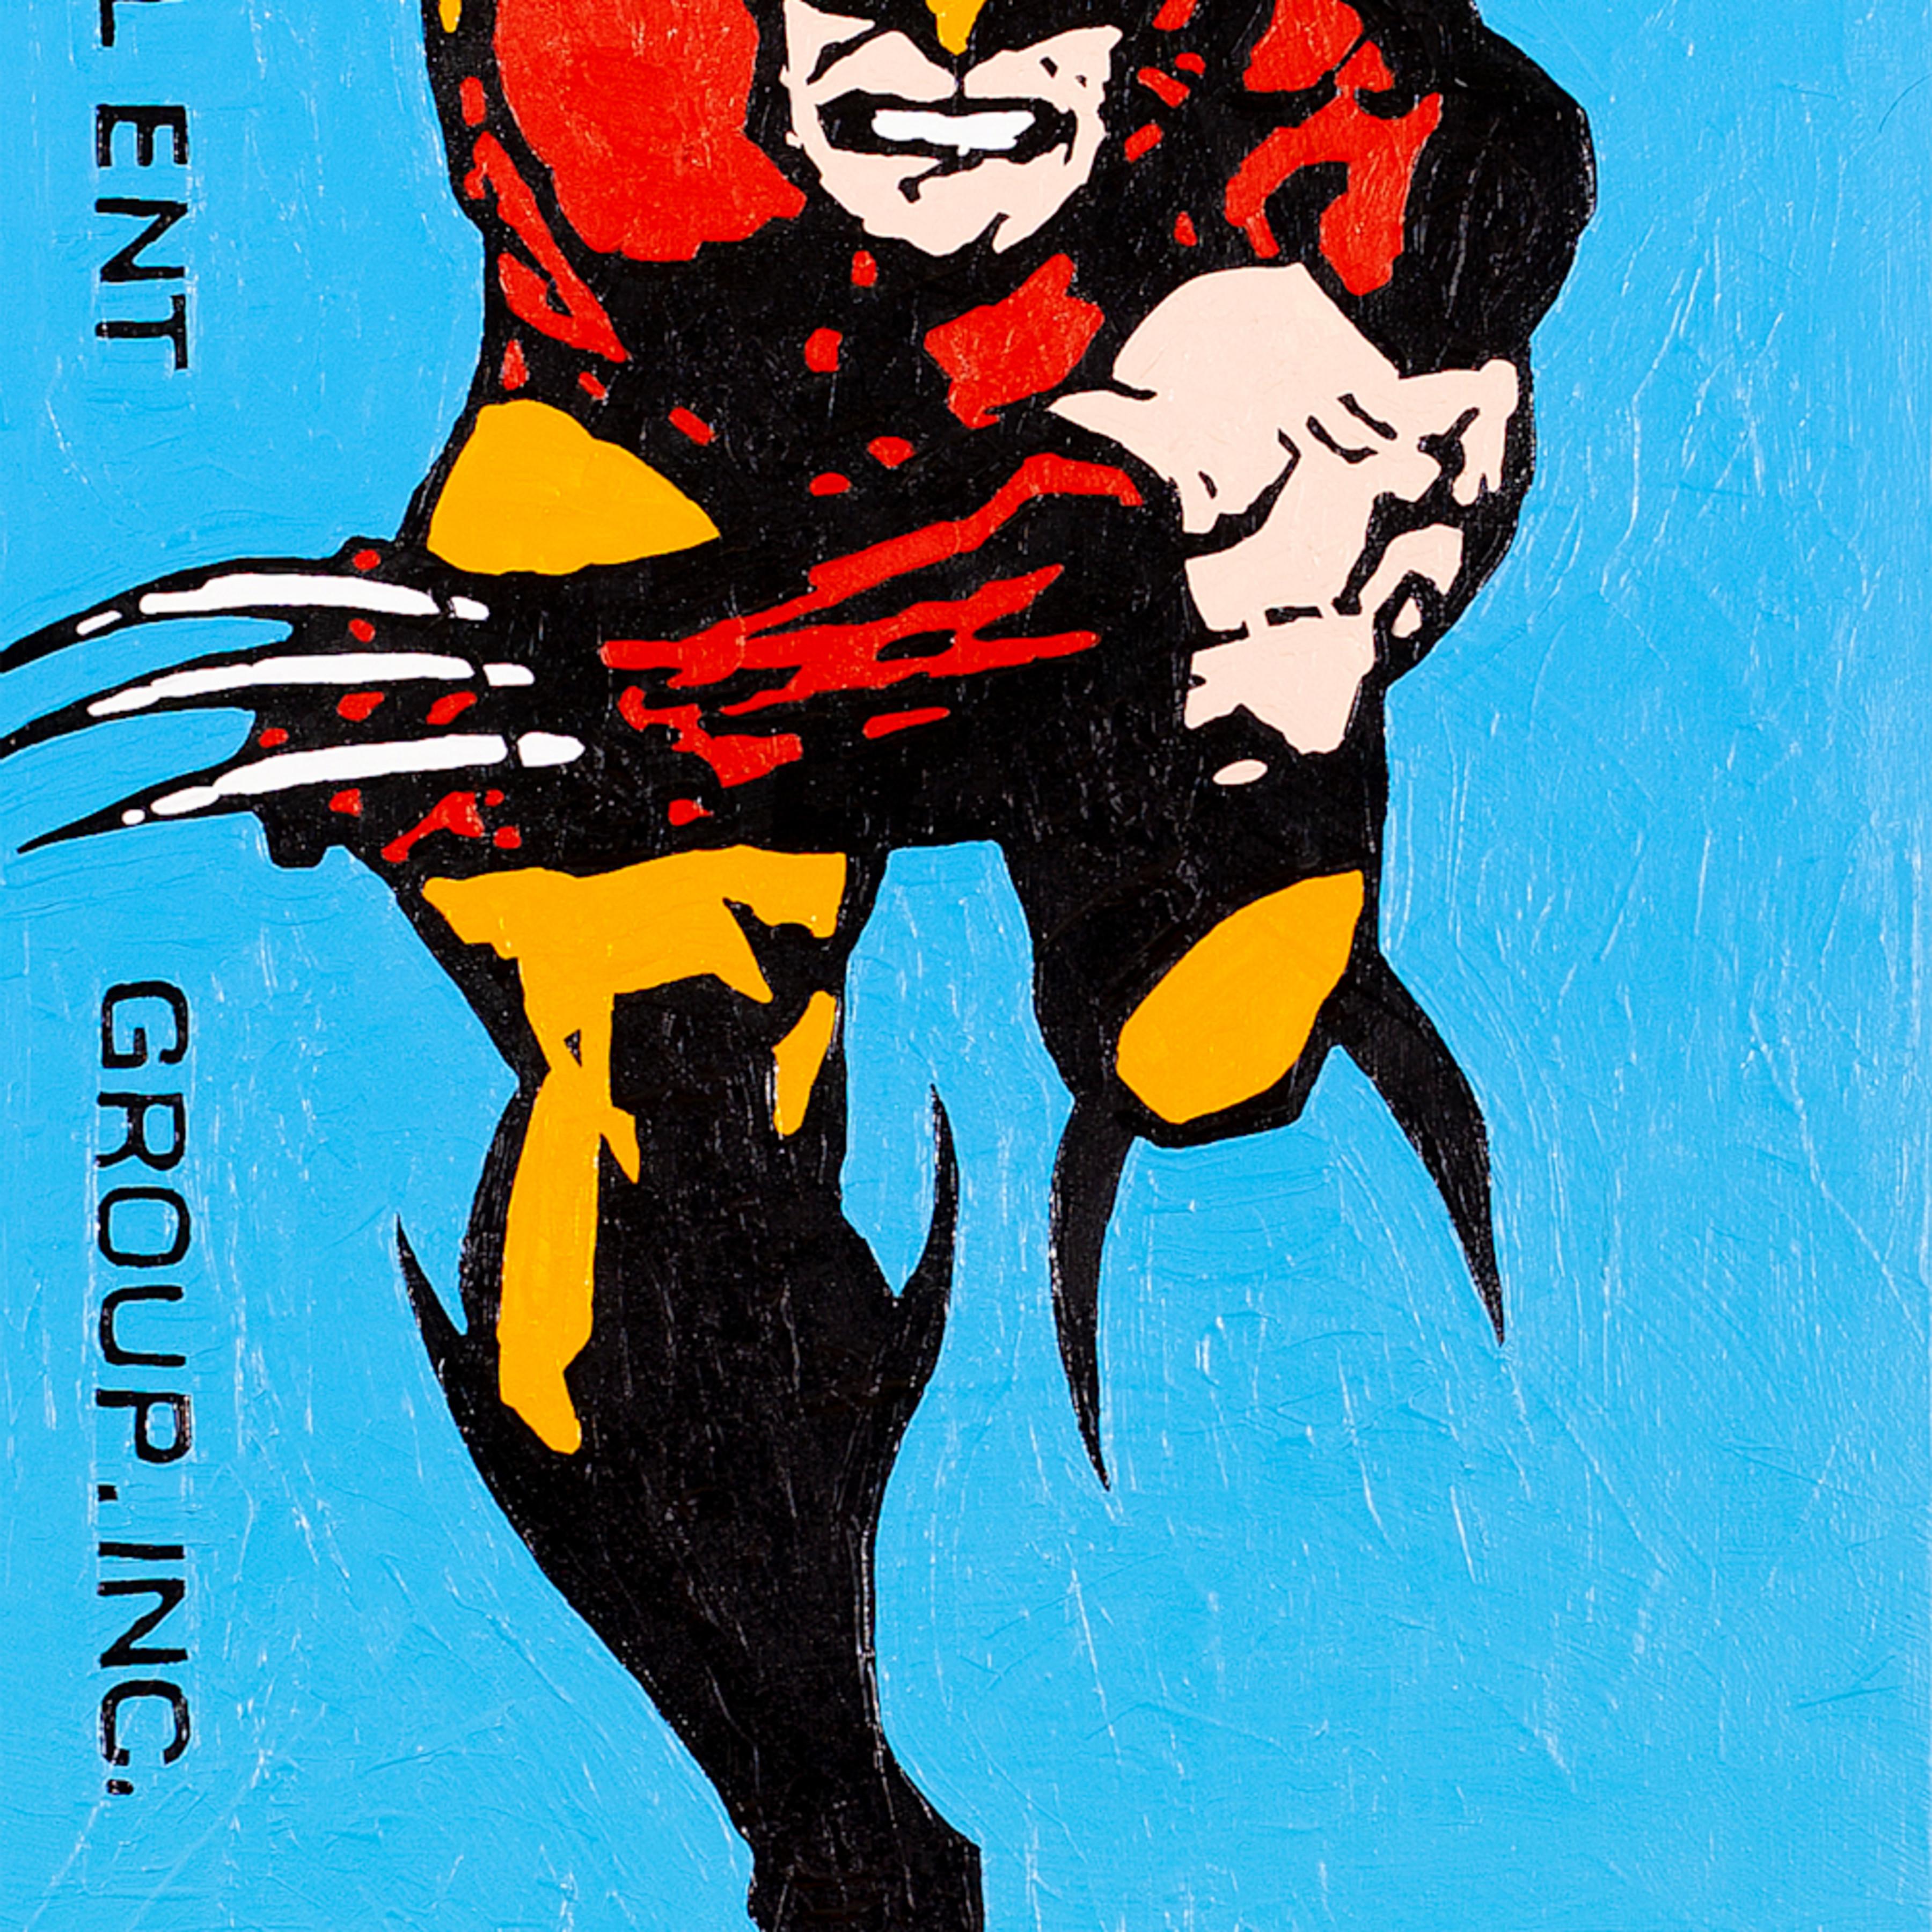 Wolverine50 10x32 toddmonk 2020 xl fwx4av